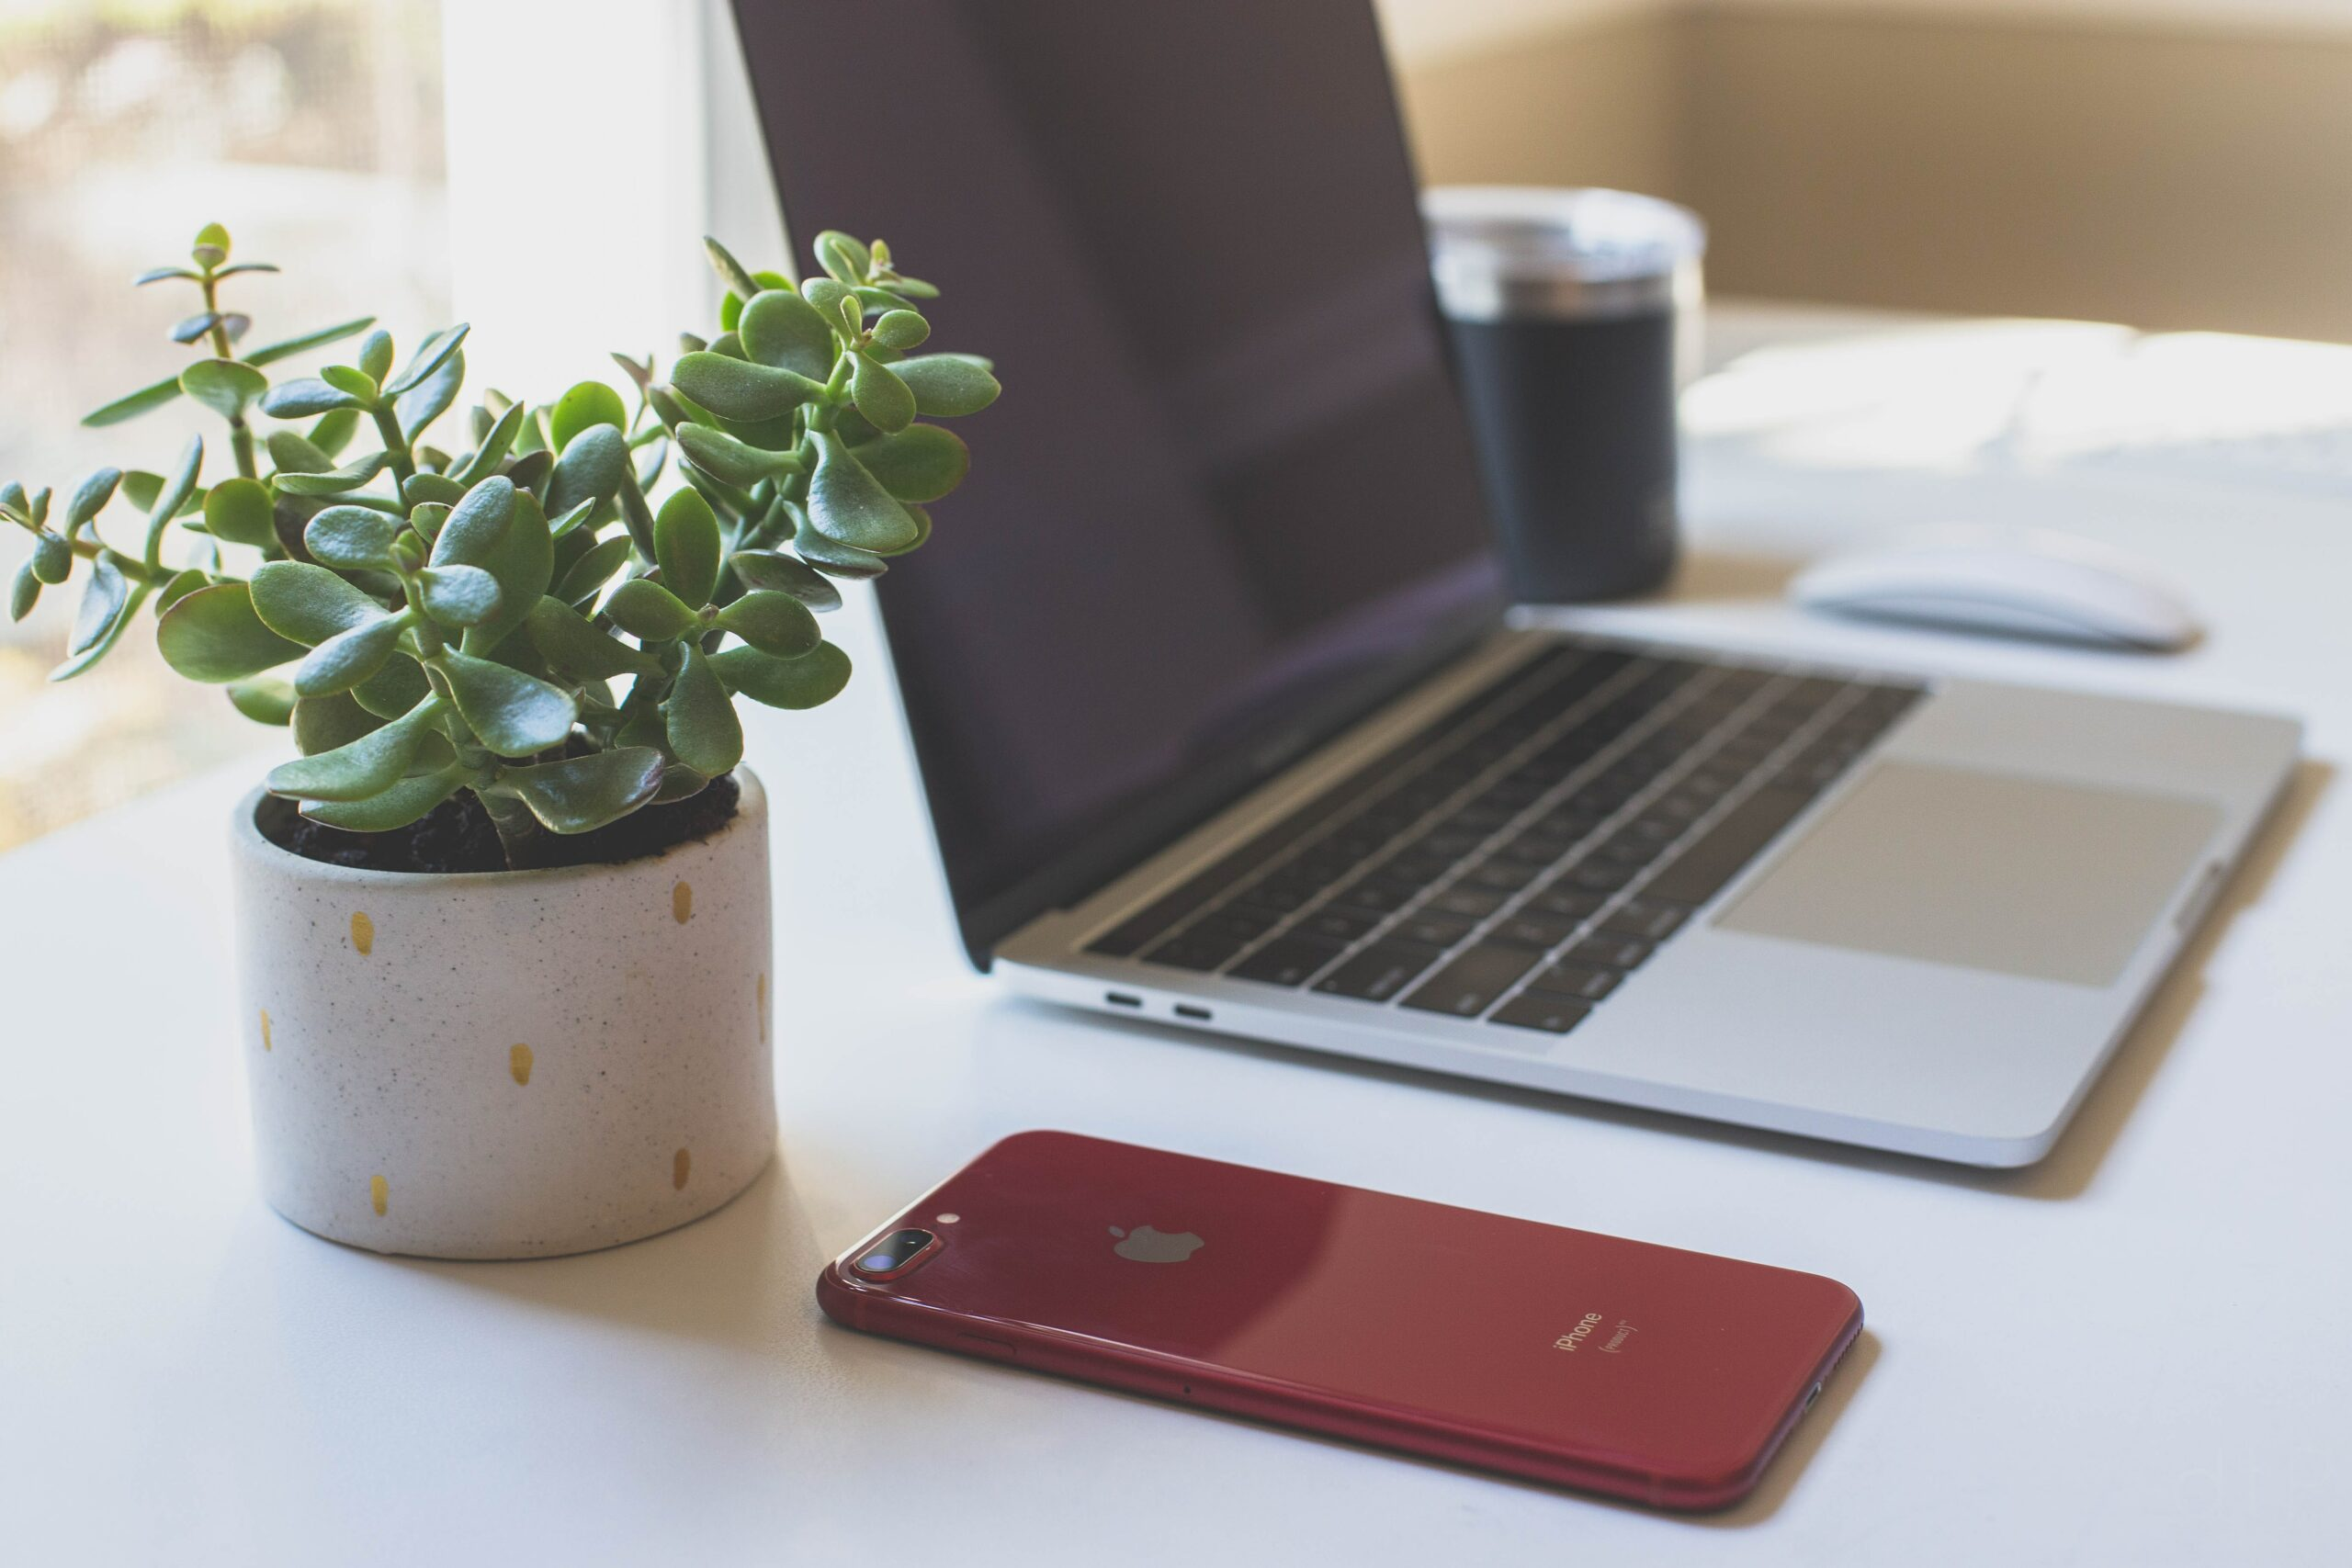 Laptop Image - Swedish Institute - New York, NY